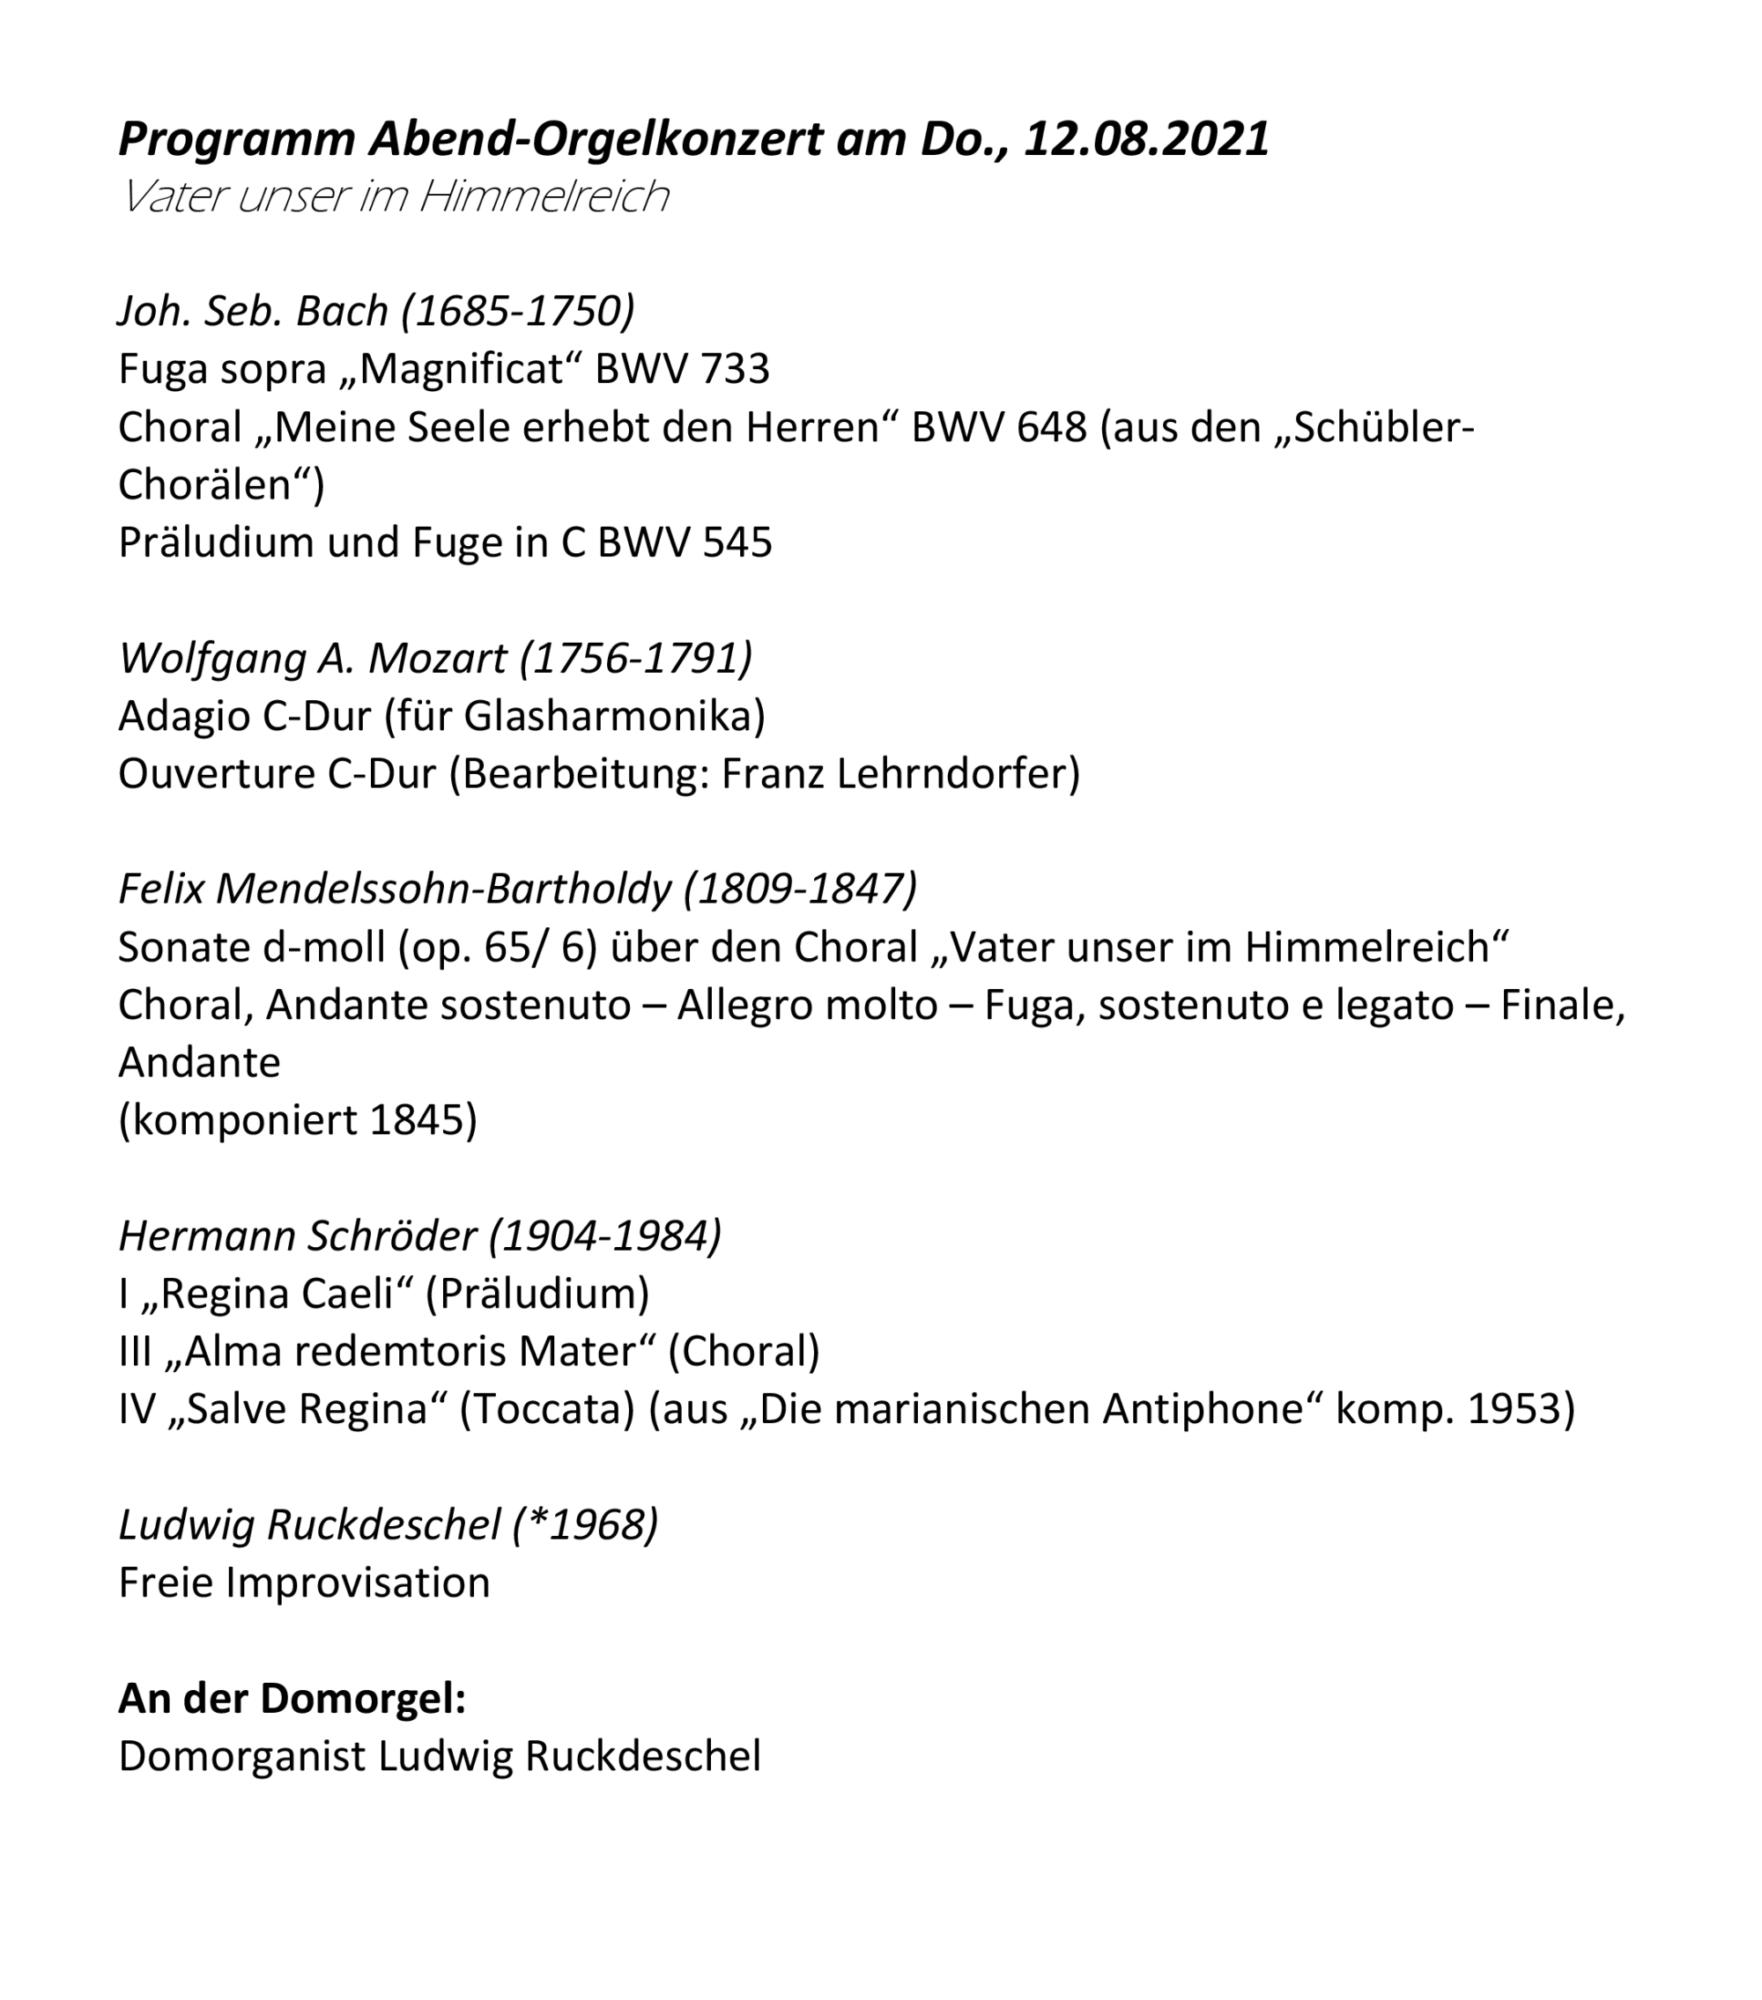 Programm Abendorgelkonzert 12 08 2021